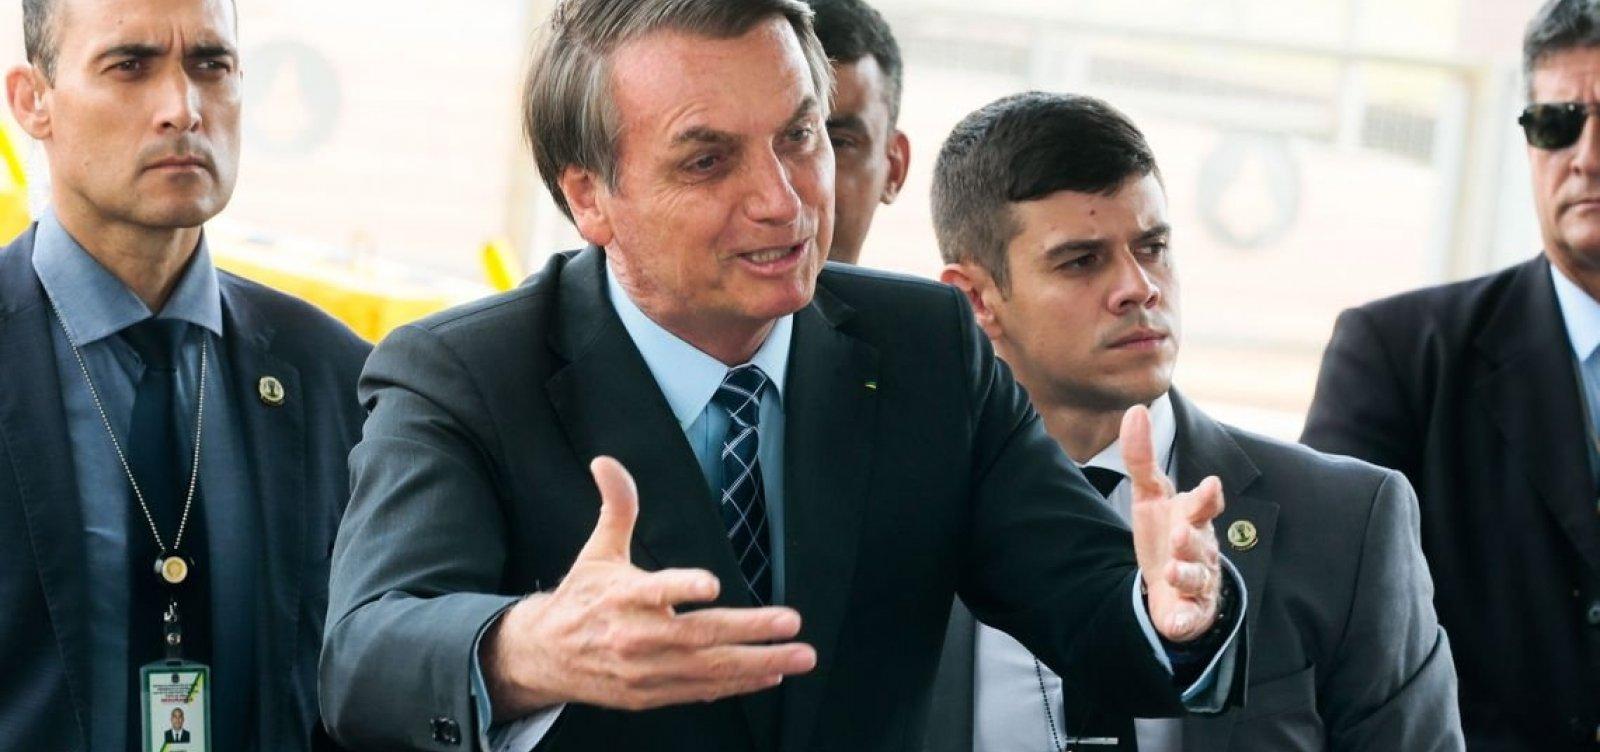 [Planalto diz que embaixador deve representar governo na posse de Fernández]